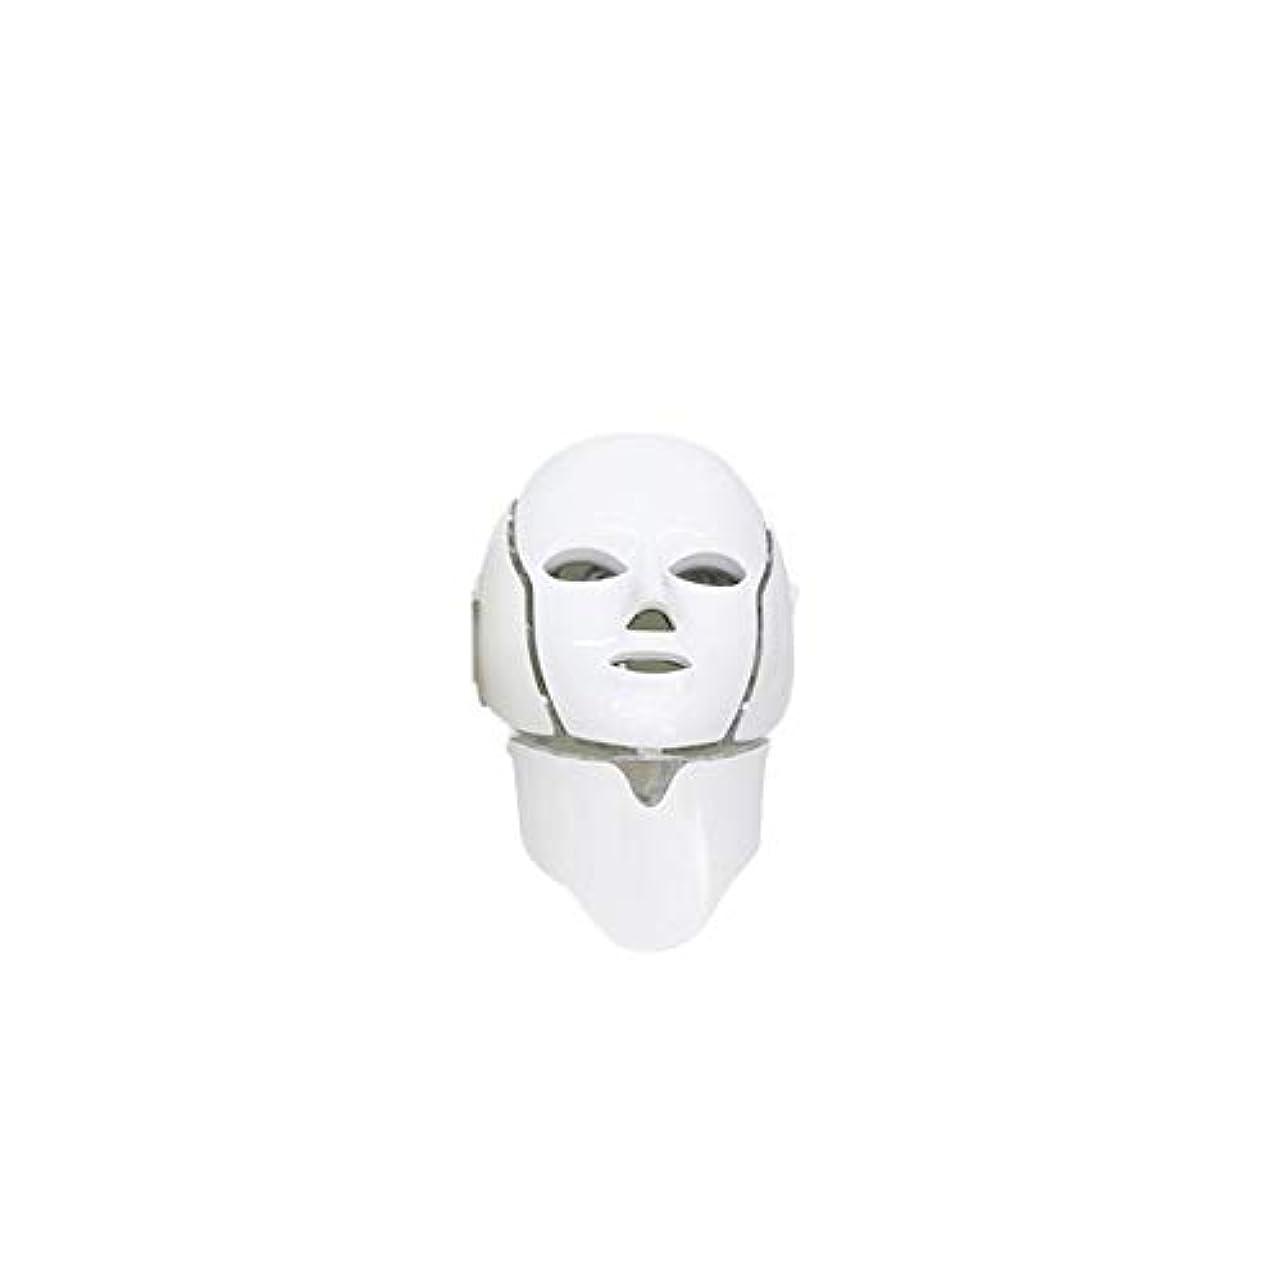 おばあさん申請者毎日Onepeak 美肌若返りマイクロ電流マスク楽器ネックネックマスク7色フォトニックニキビ美肌ホーム